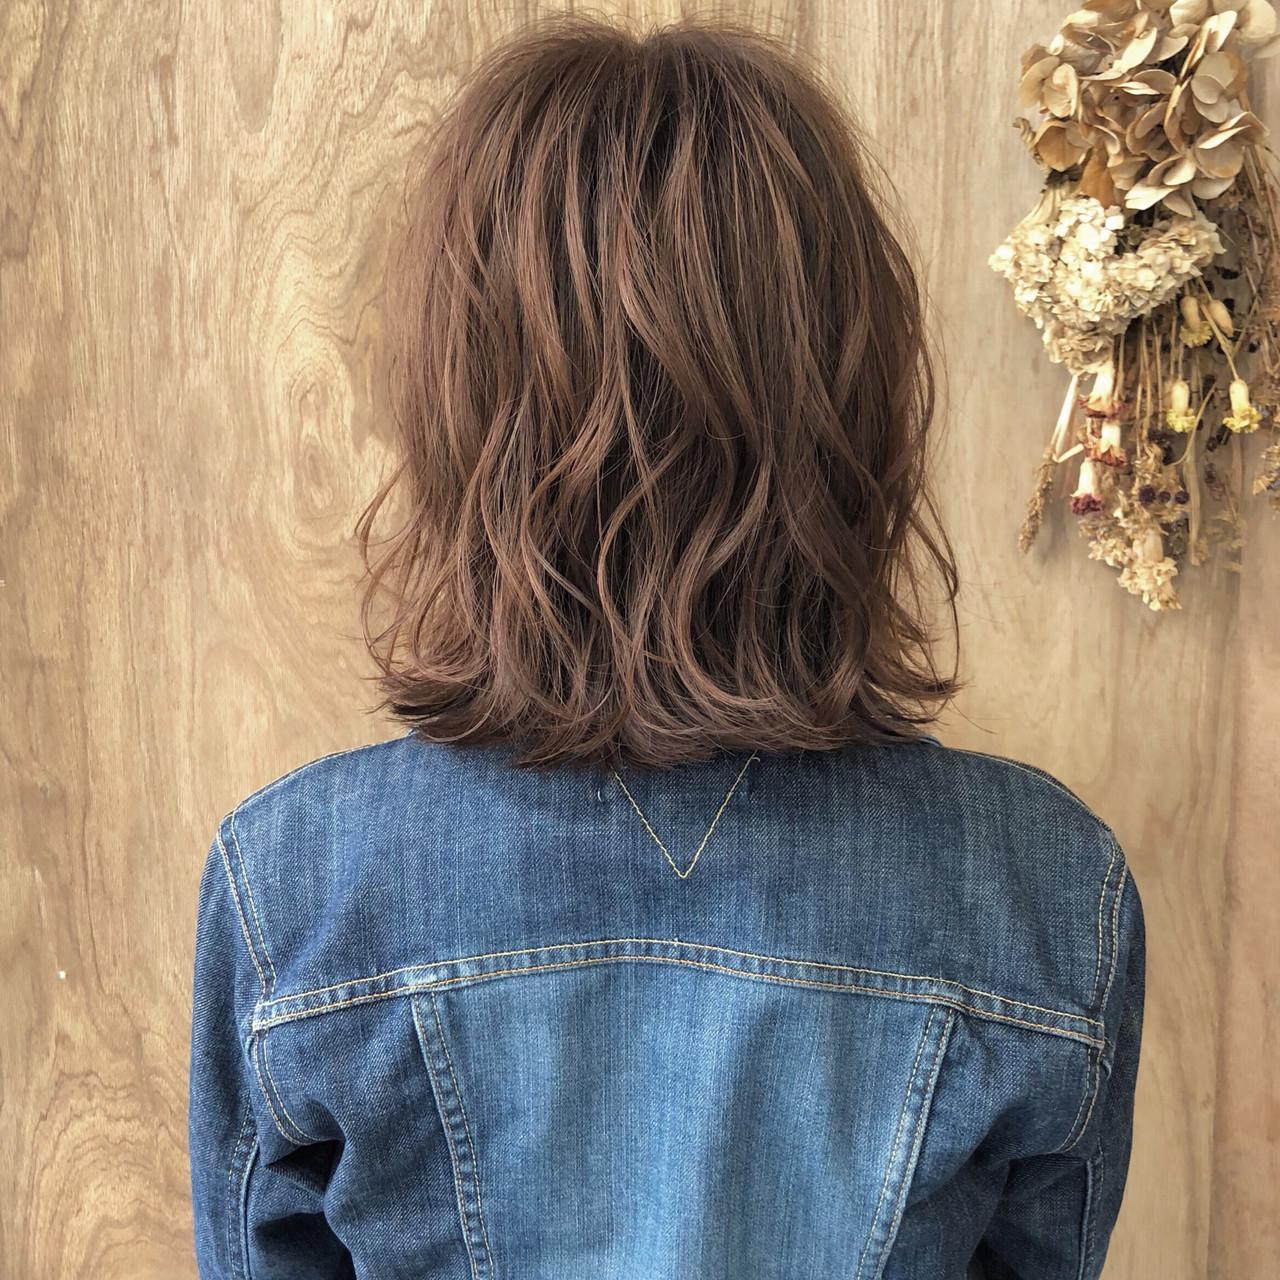 切りっぱなしボブ ナチュラル ミニボブ ショートボブ ヘアスタイルや髪型の写真・画像 | 松井勇樹 / TWiGGY  歩行町店